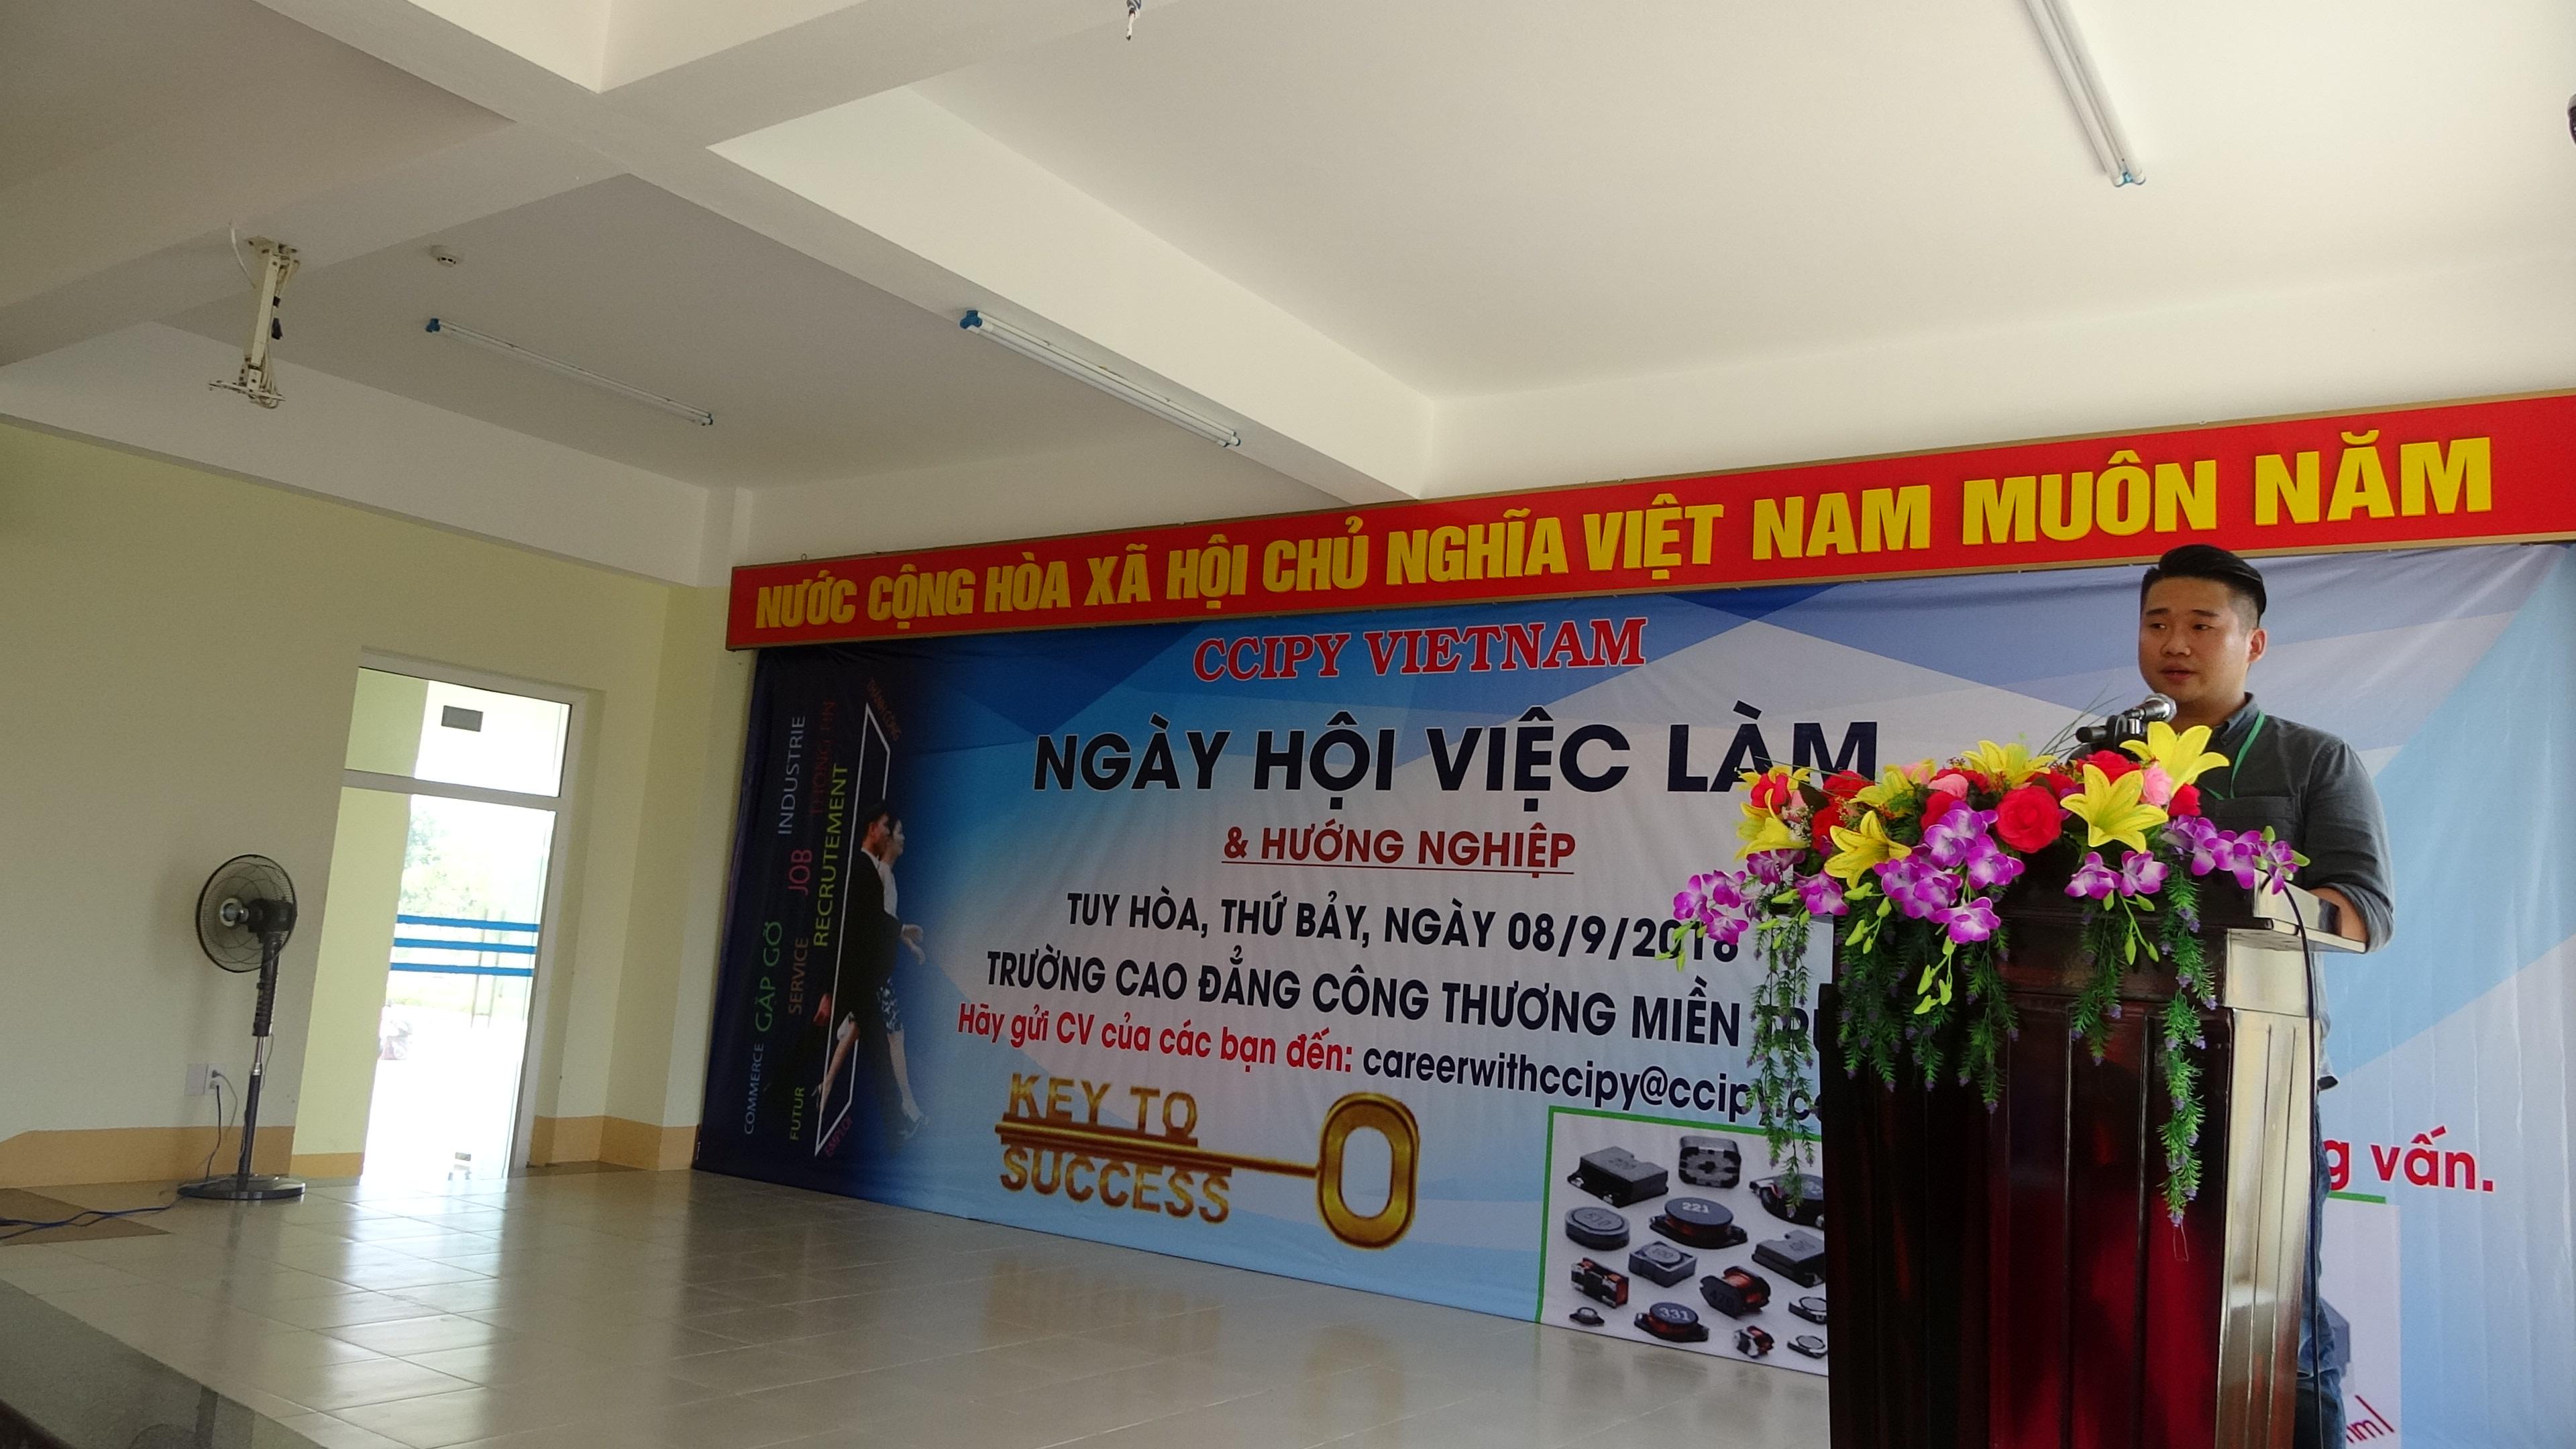 2-CCIPY-viet-nam